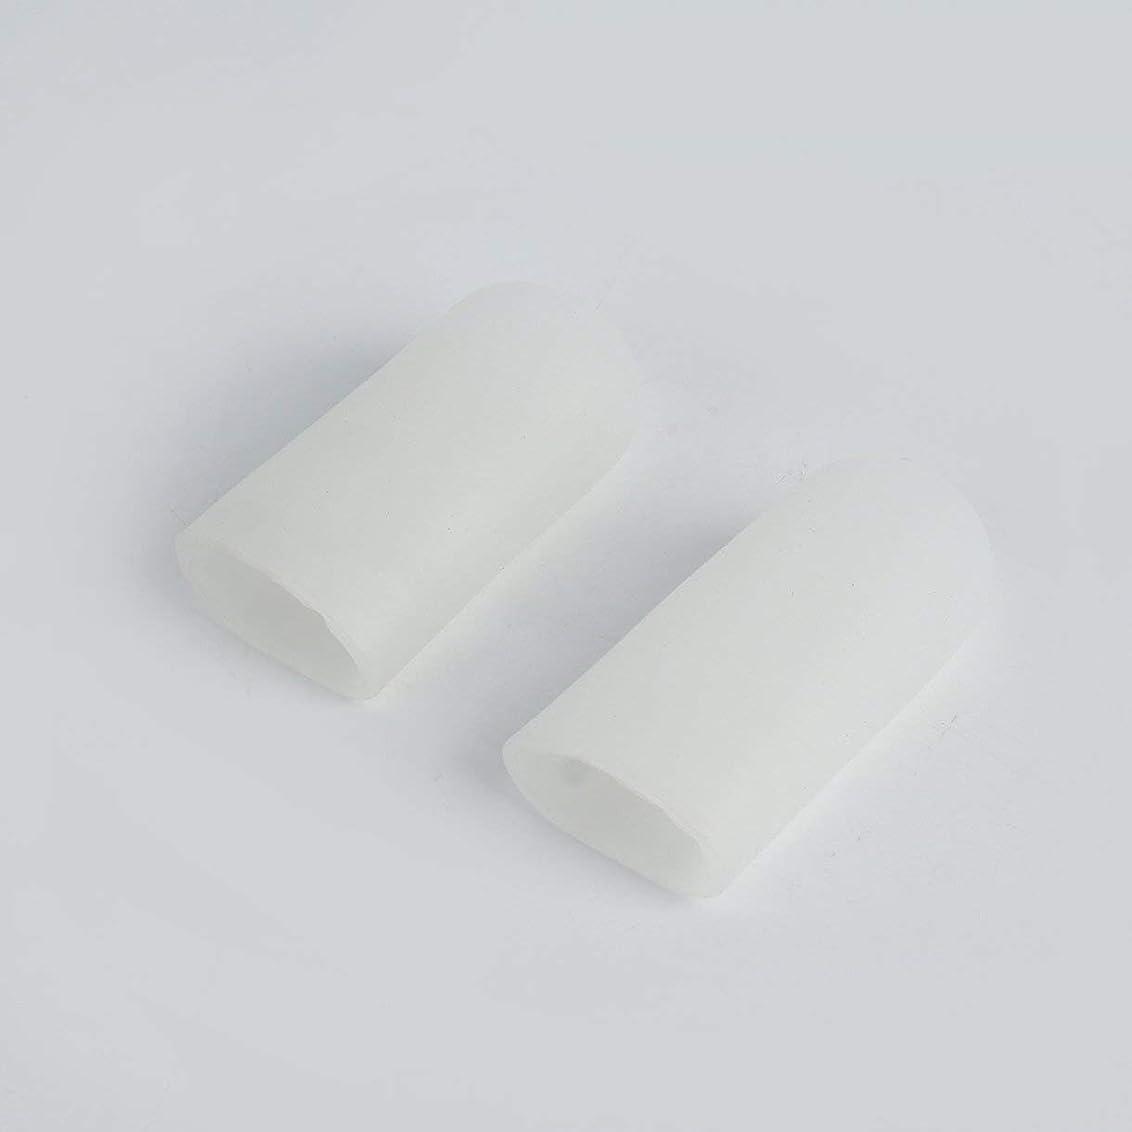 正気緊張パイルOpen Toe Tubes Gel Lined Fabric Sleeve Protectors To Prevent Corns, Calluses And Blisters While Softening And Soothing Skin